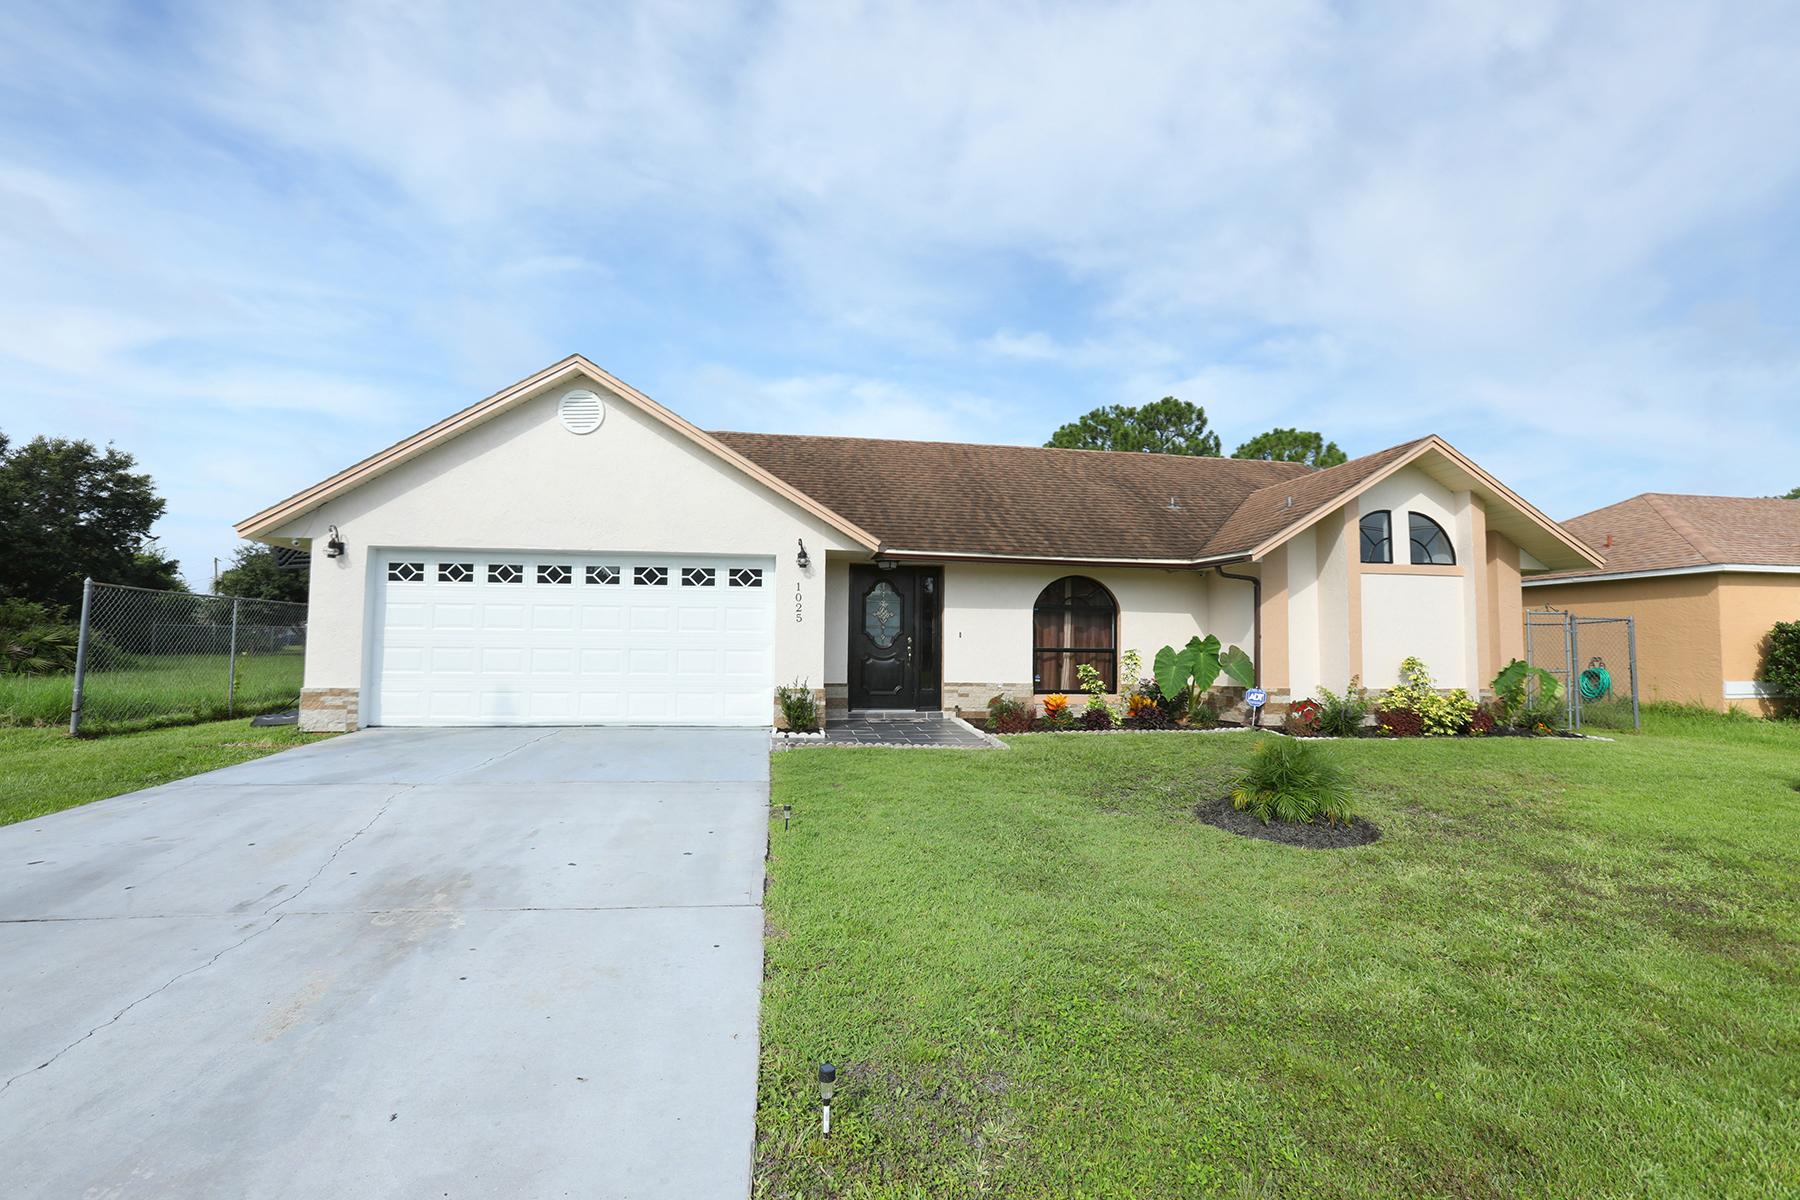 Single Family Homes für Verkauf beim KISSIMMEE 1025 Derbyshire Dr, Kissimmee, Florida 34758 Vereinigte Staaten